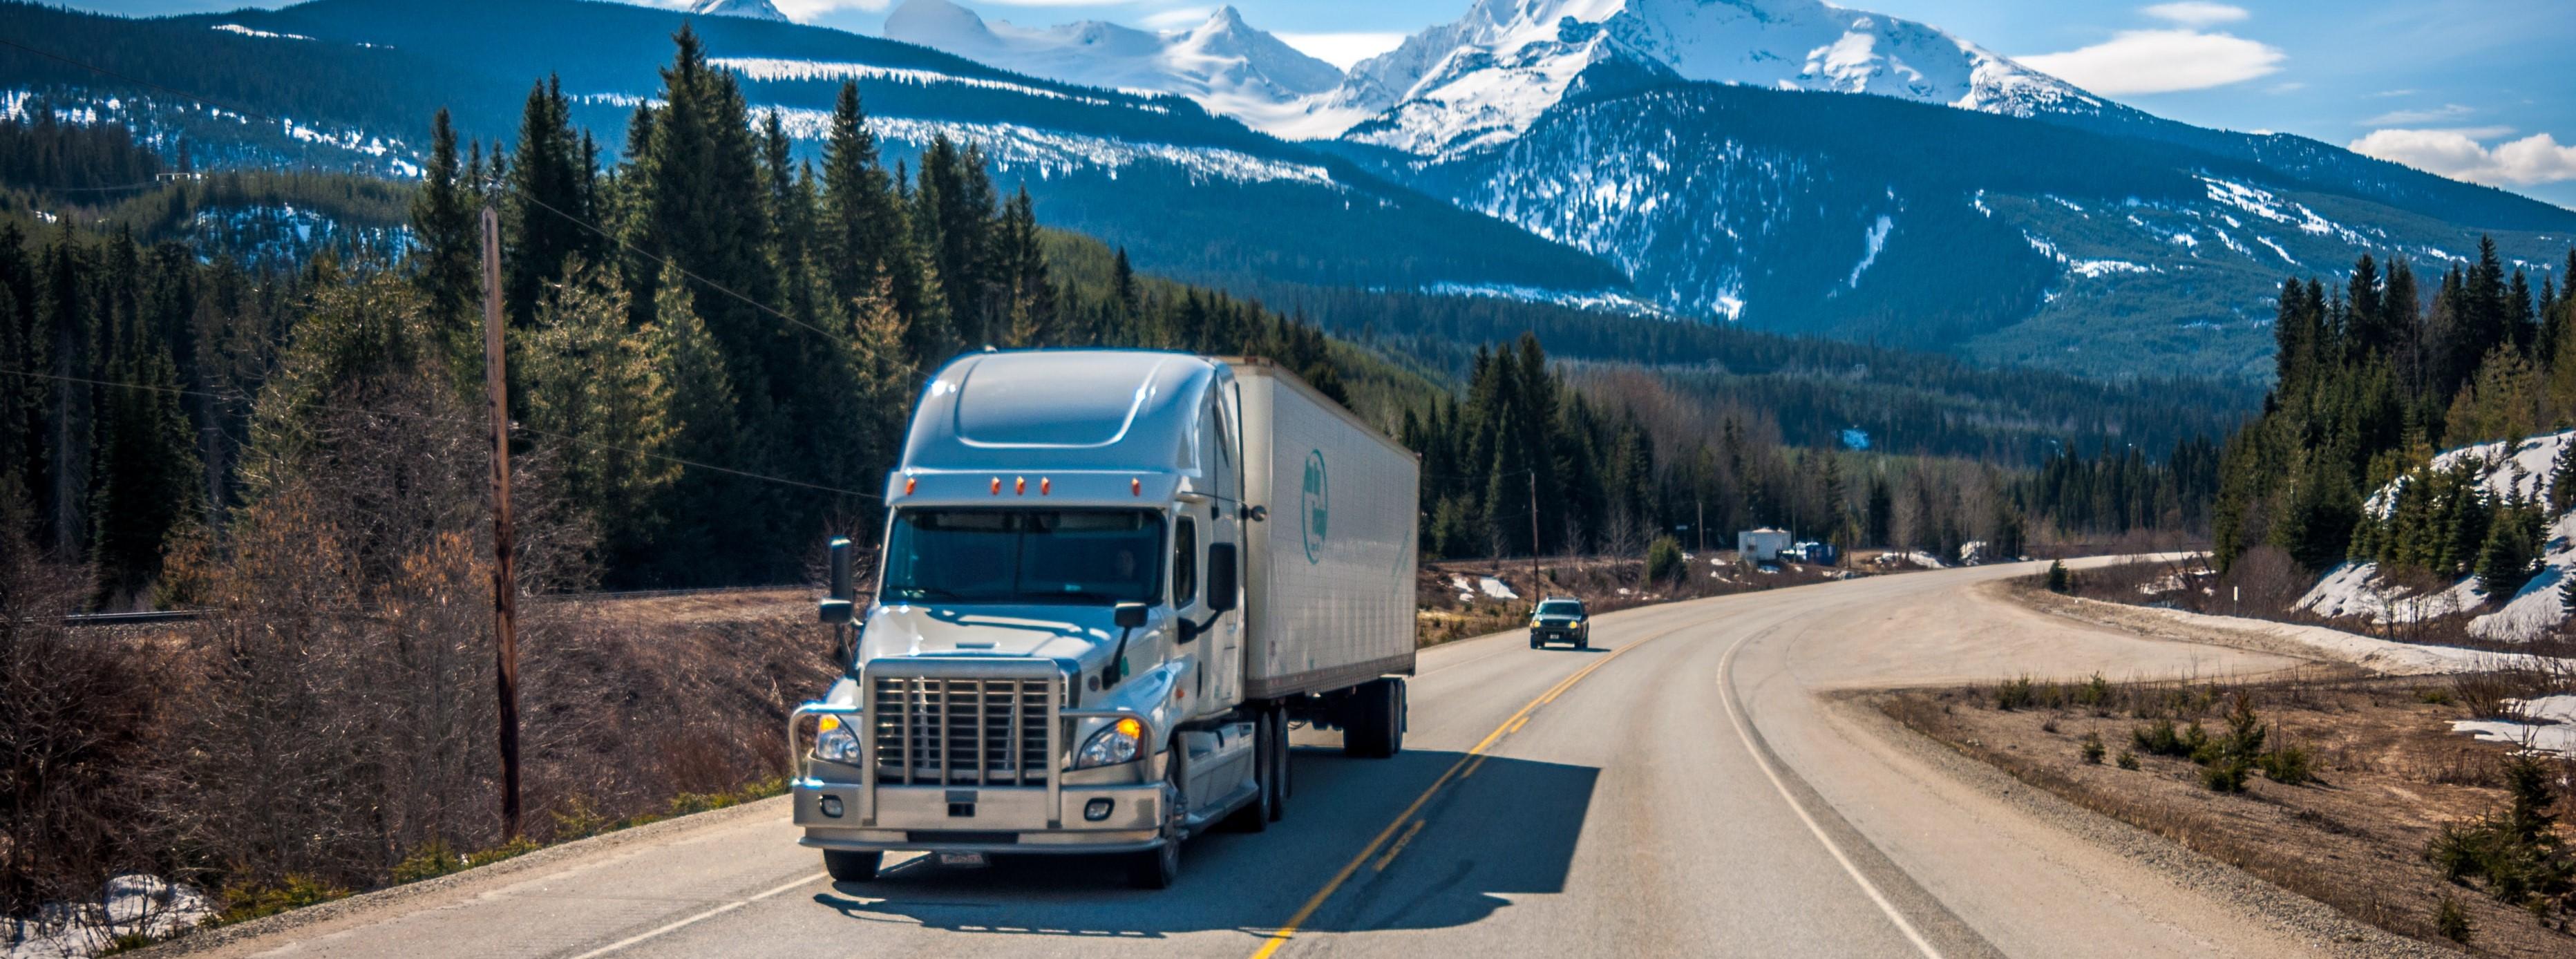 Ein Truck auf der Autobahn. Das Bild vermittelt die Freiheit des TRuckes auf der Landstraße. Im Hintergrund zu sehen ist eine gebirgskette mit Schnee auf den Gipfeln, darüner der blaue Himmel. Außer dem LKW im Vordergrund ist nur noch ein anderer PkW unterwegs.